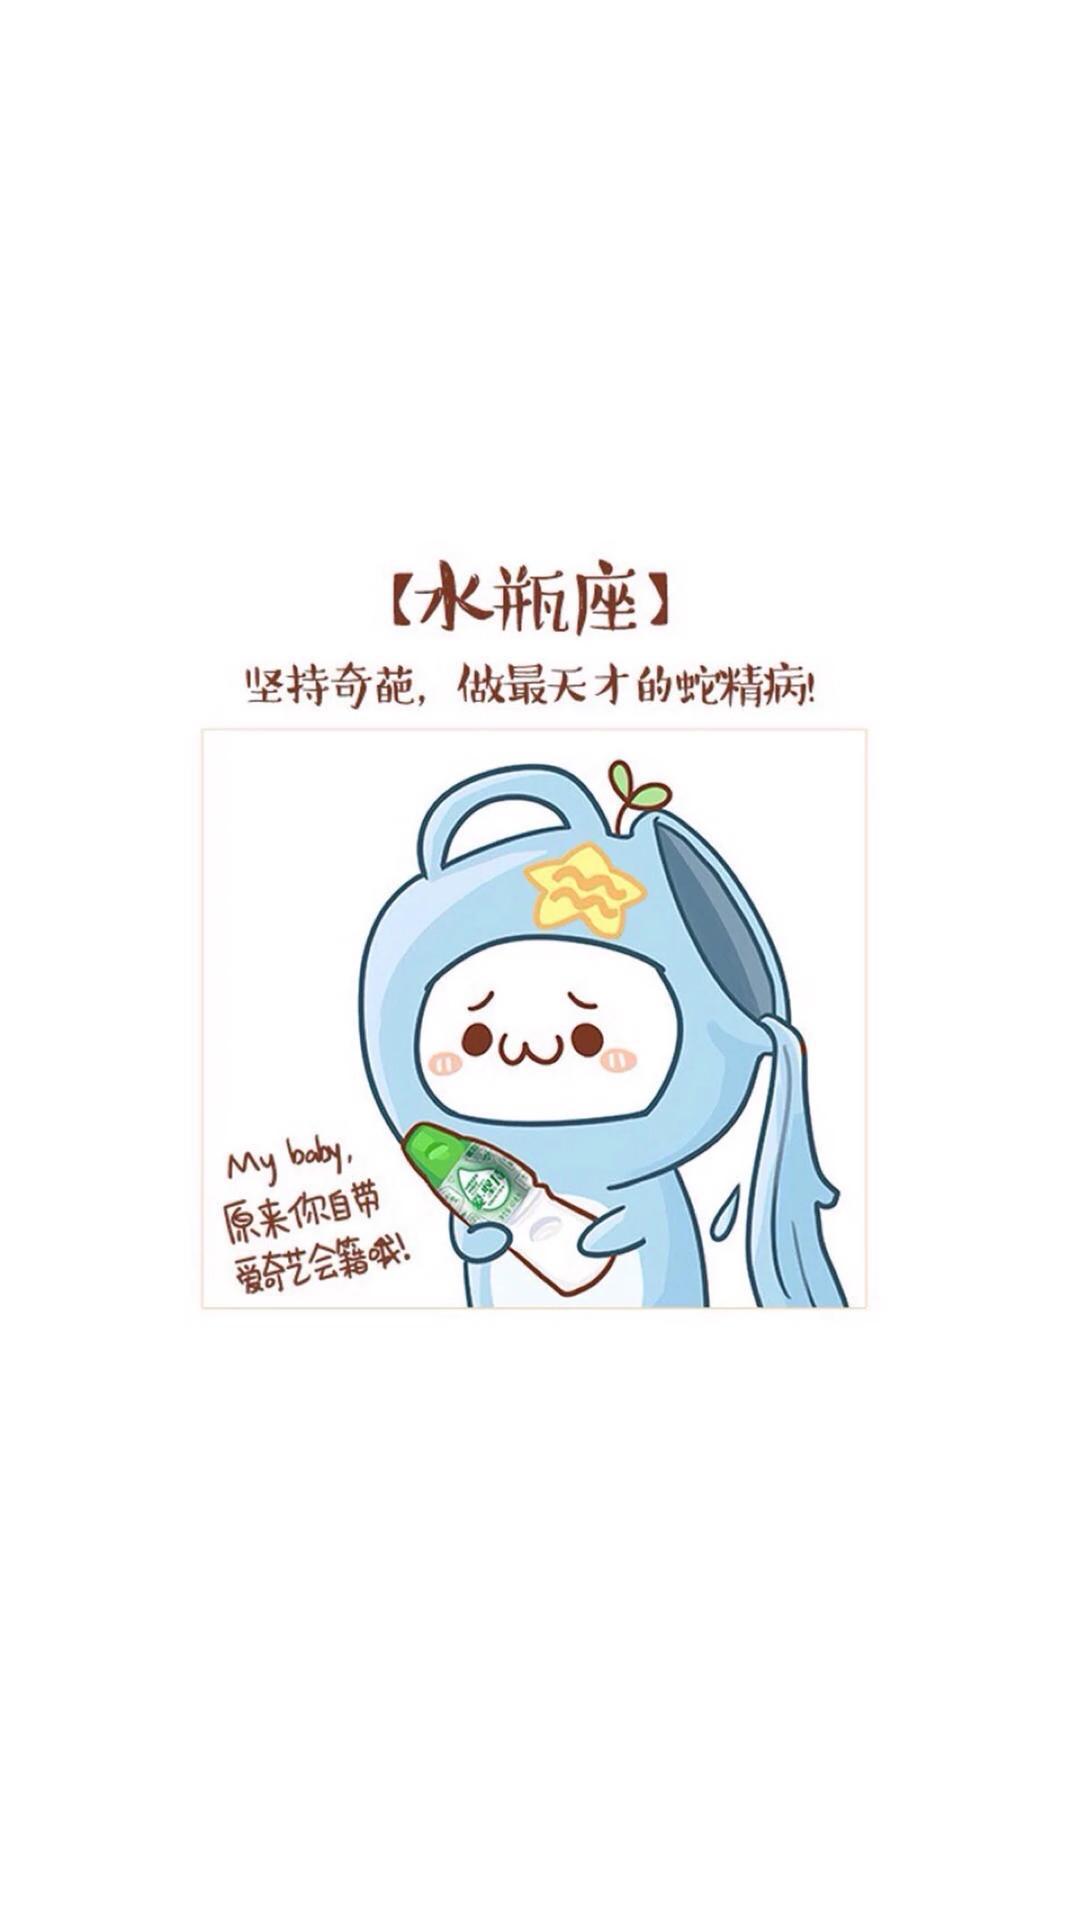 【v粉水瓶】长草颜男生十二星座【12p】双子座壁纸文字三图片